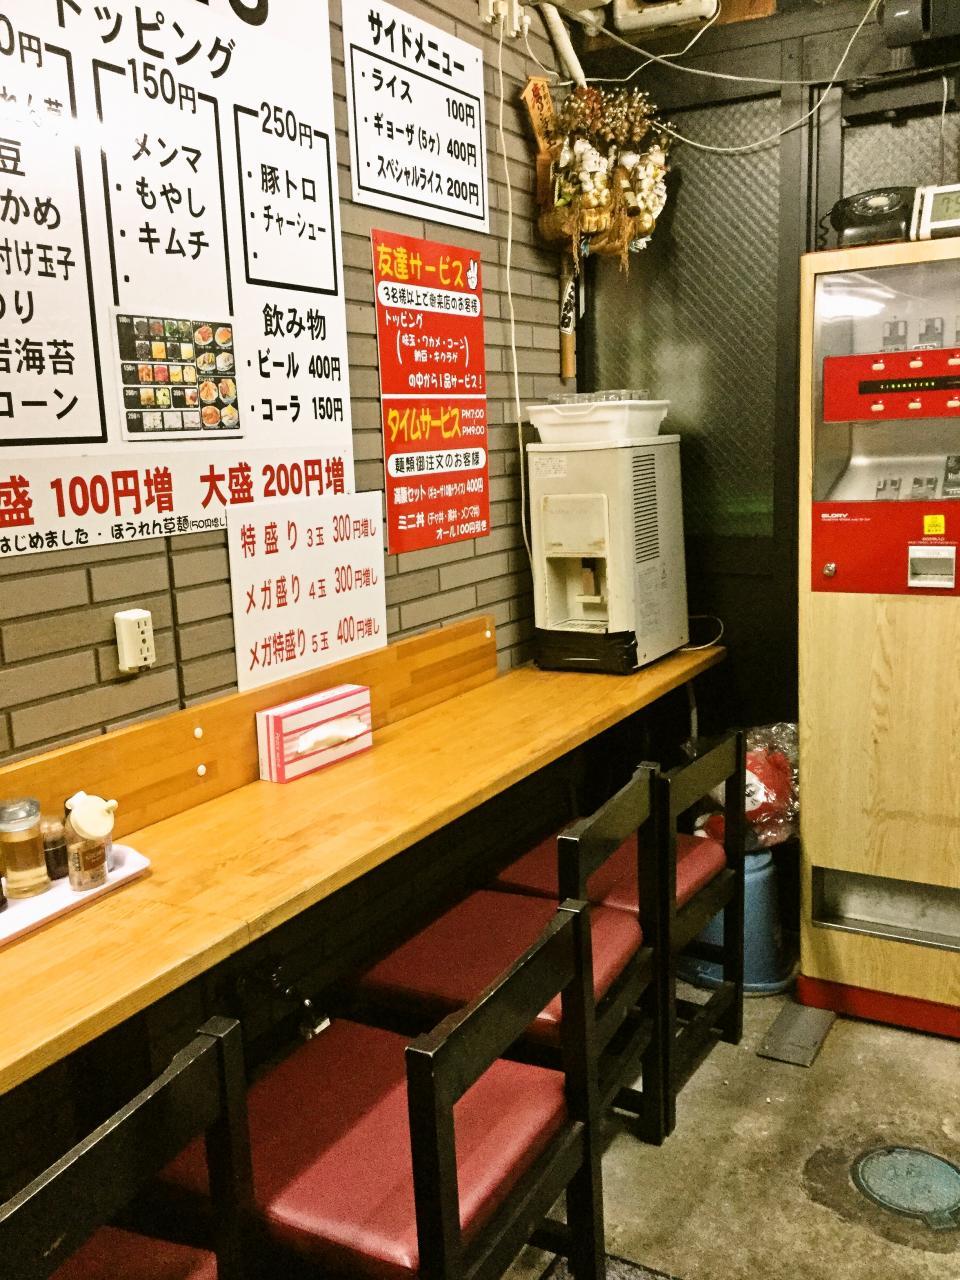 ラーメンショップ二代目横濱亭(店内)